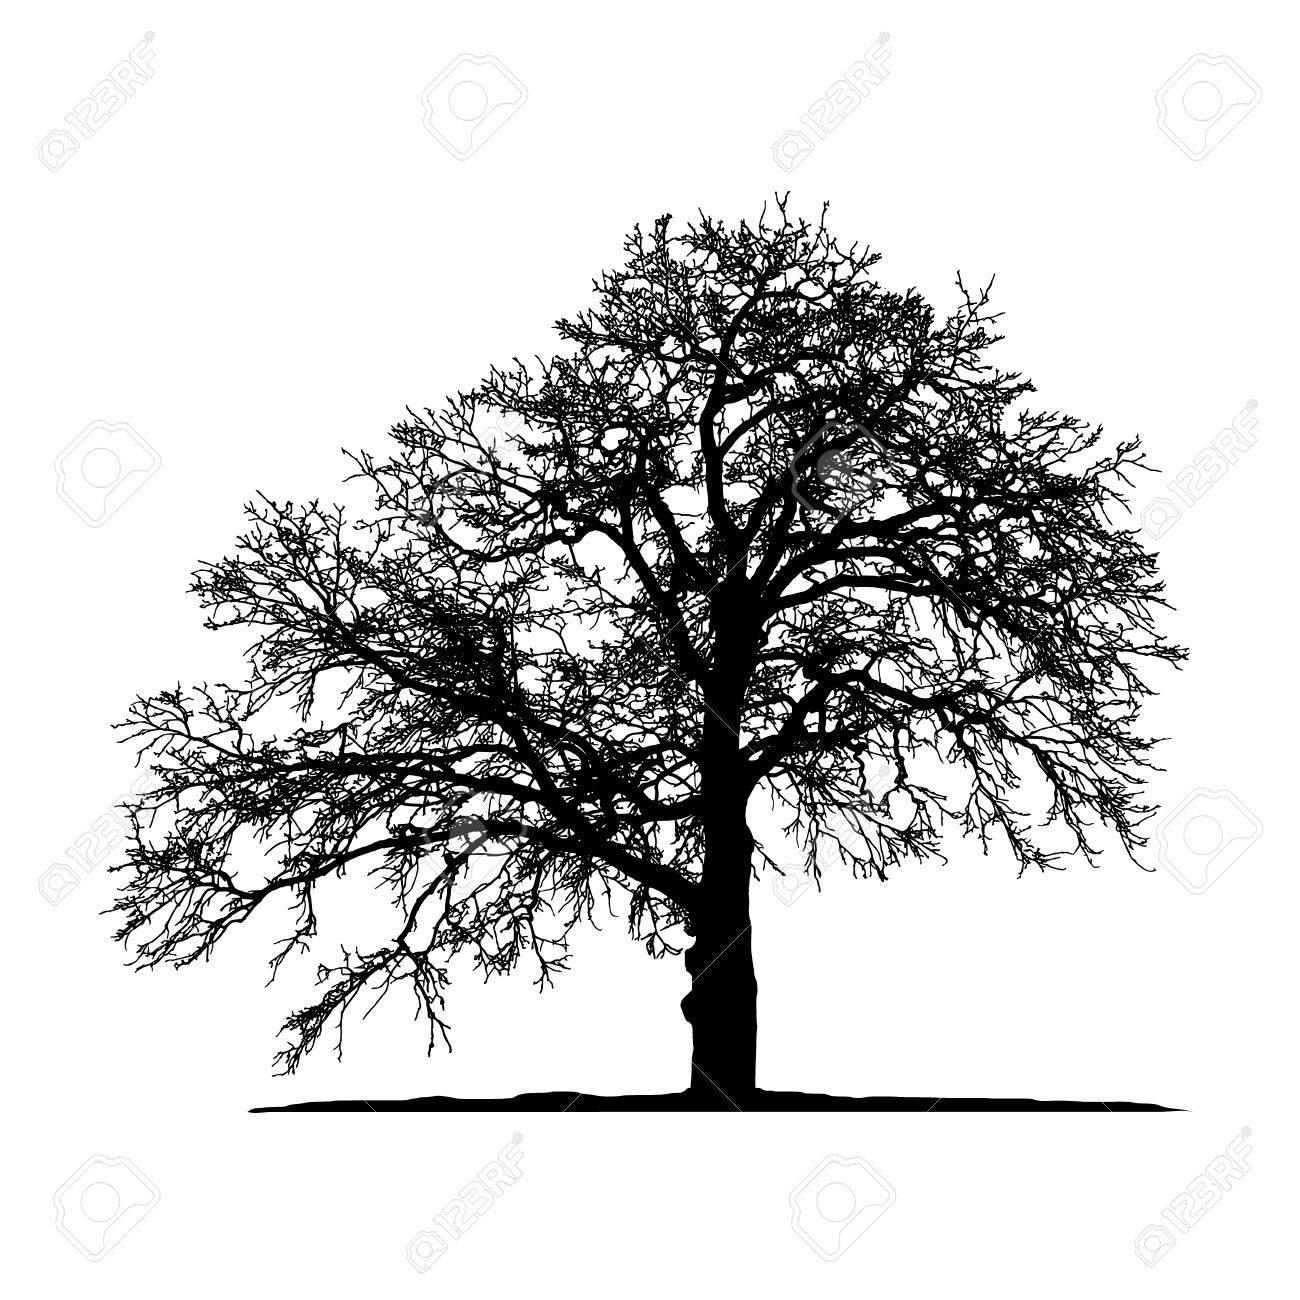 Oak Tree Silhouette Vector.